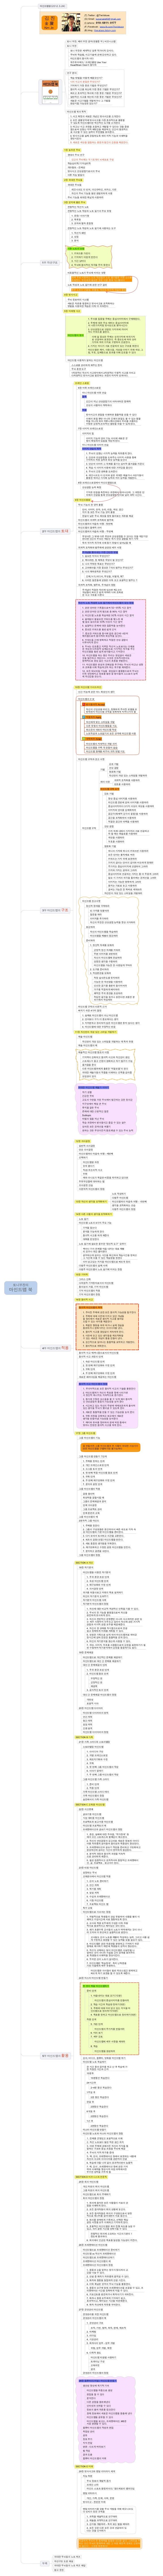 마인드맵핑(2012.3.24)                                               (T) Twitter : @TheValues            김 진                   ...